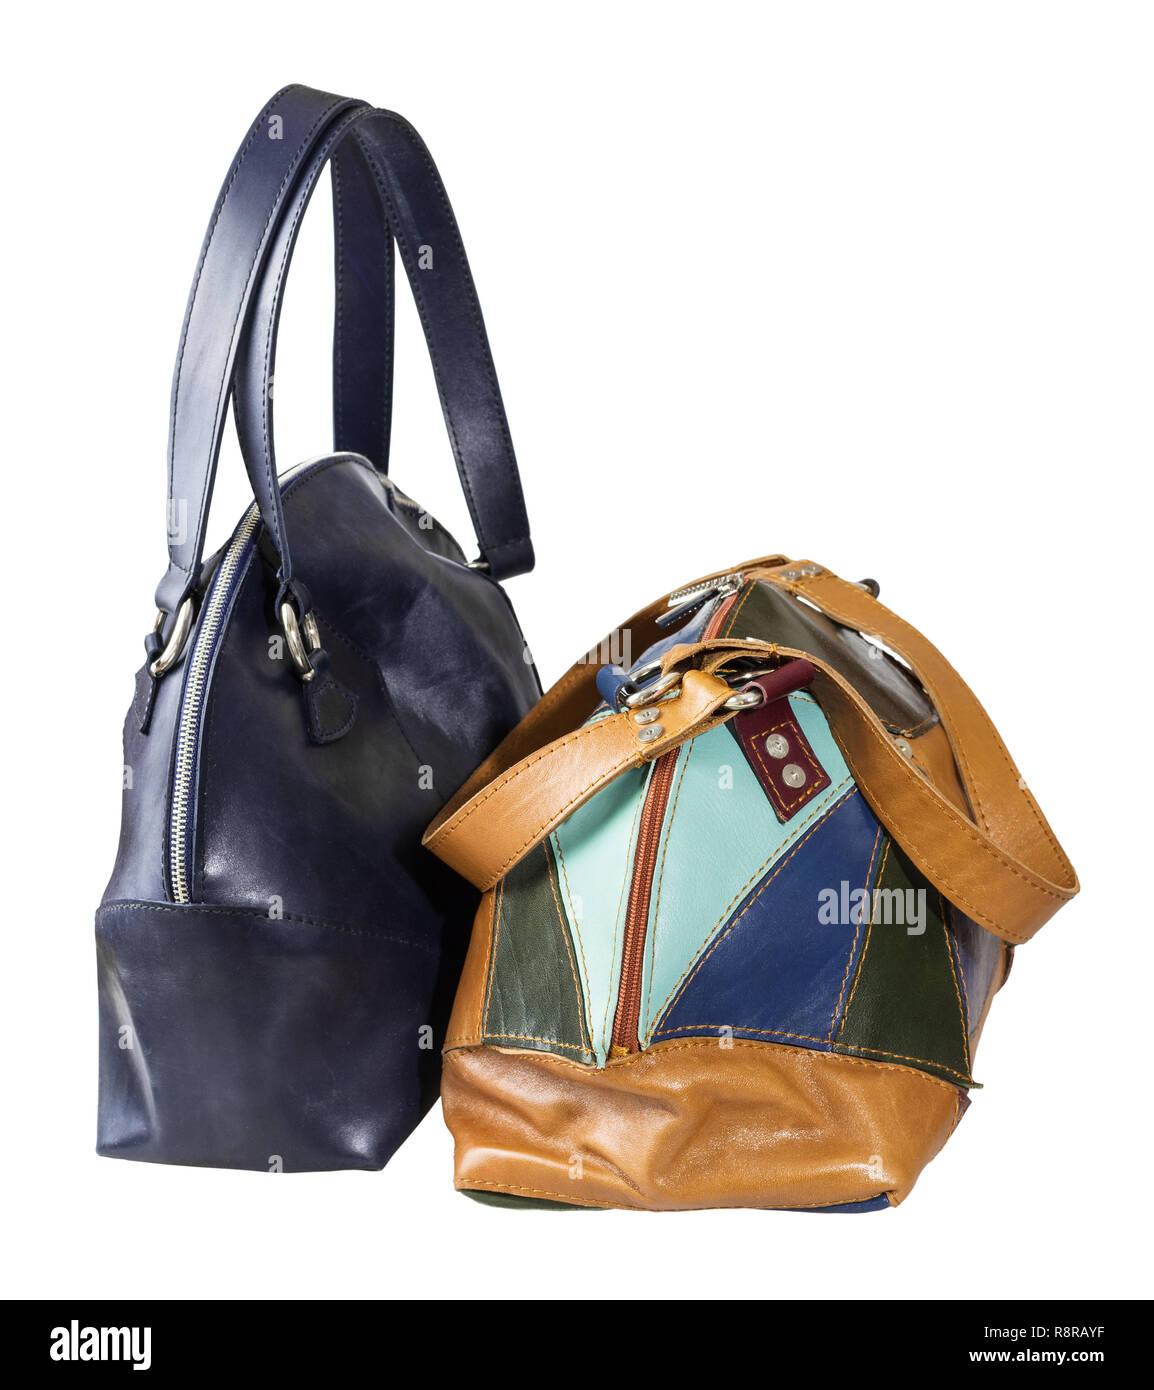 5731e5ba8ca64 Vorderansicht von zwei handgefertigte Leder Handtaschen auf weißem  Hintergrund Stockbild